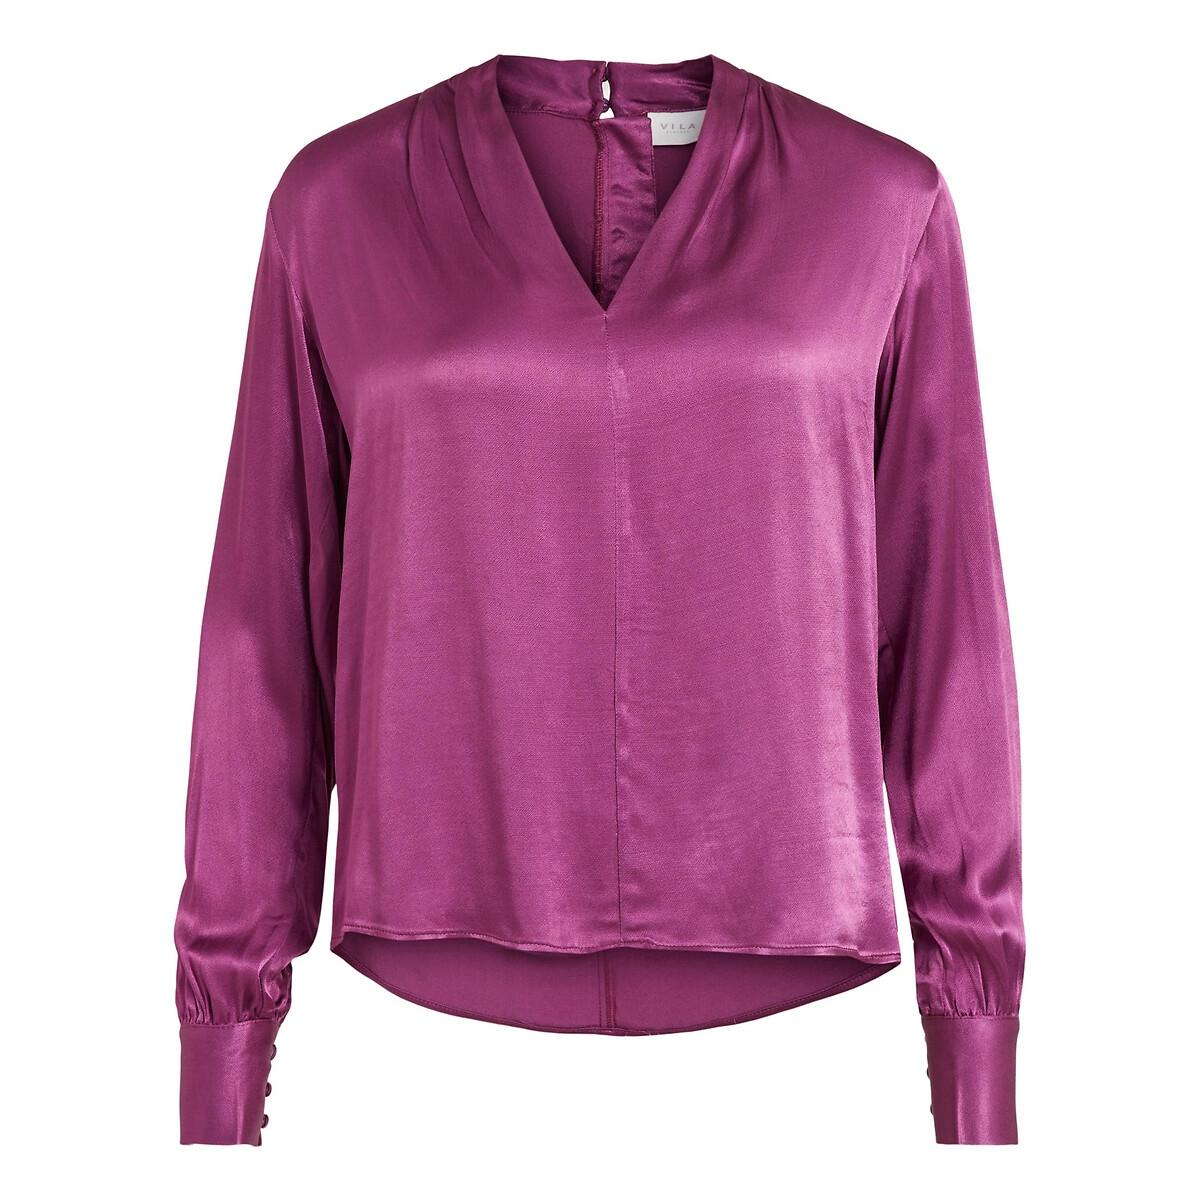 Блуза LaRedoute Атласная с V-образным вырезом 40 (FR) - 46 (RUS) розовый рубашка laredoute ночная с v образным вырезом цветочный принт 38 40 fr 44 46 rus синий